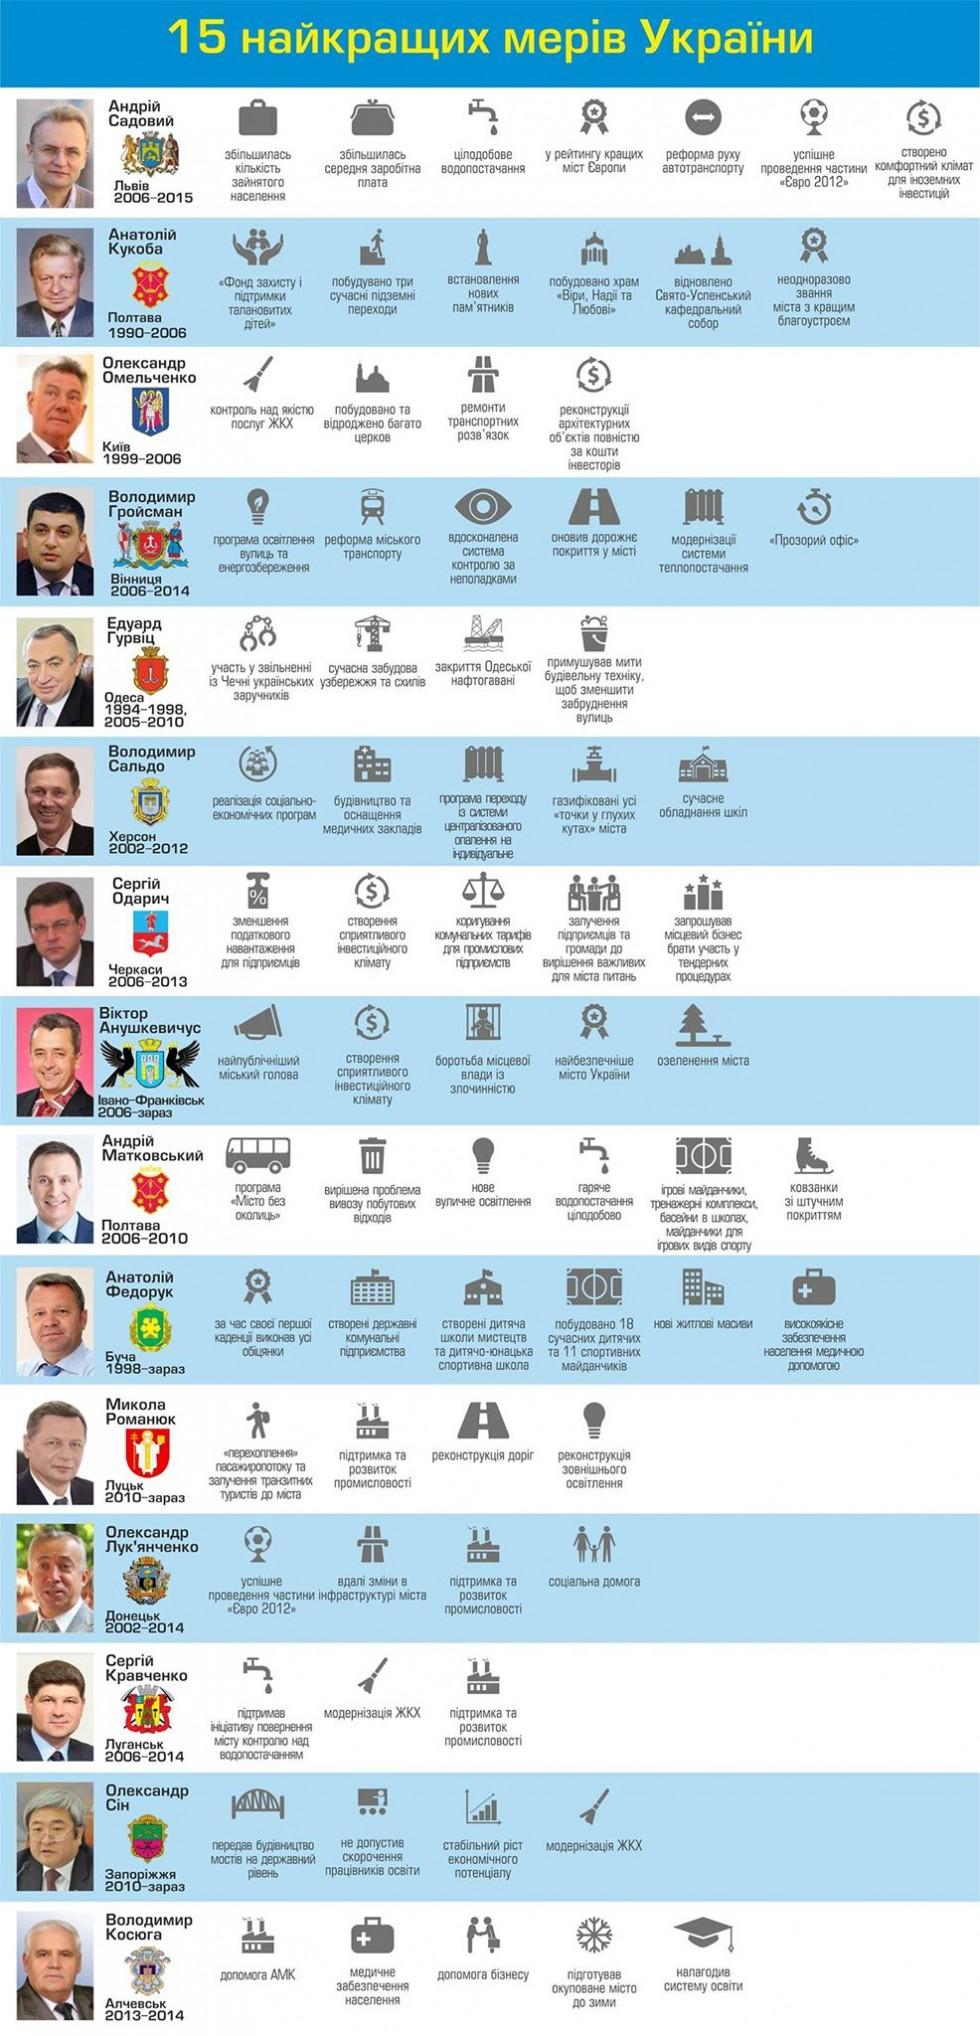 Топ-15 мерів України